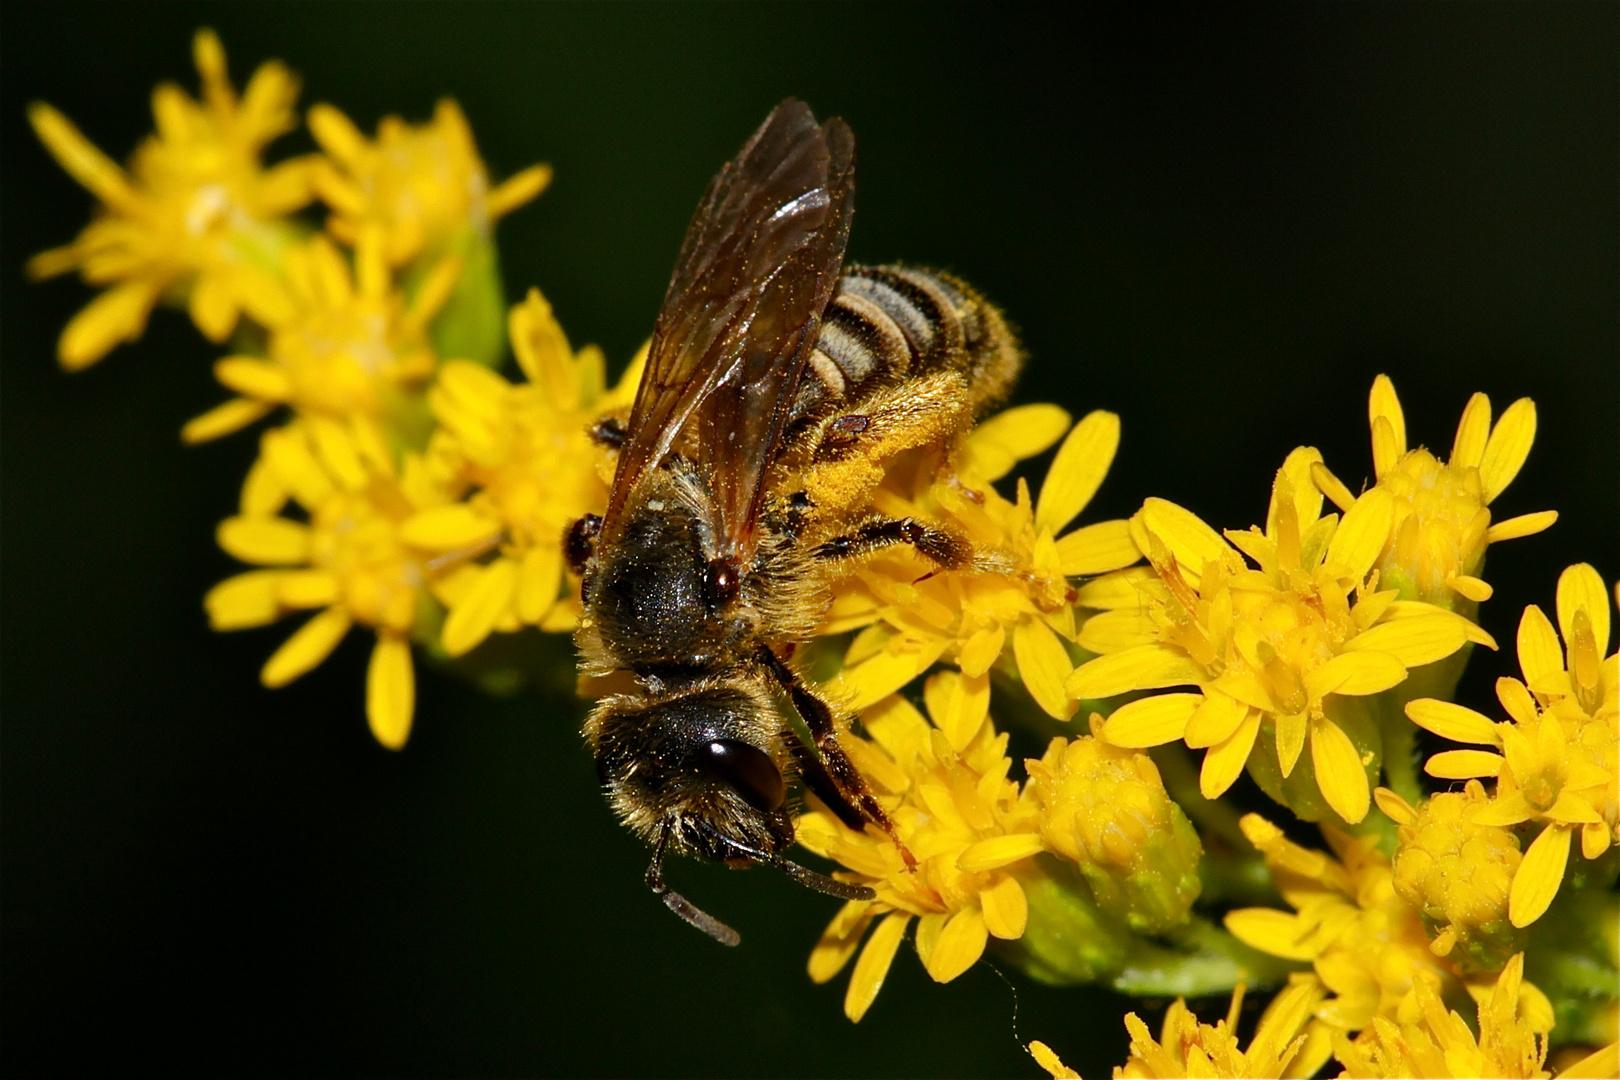 Das ist ein Weibchen der Furchenbiene Halictus scabiosae, . . .